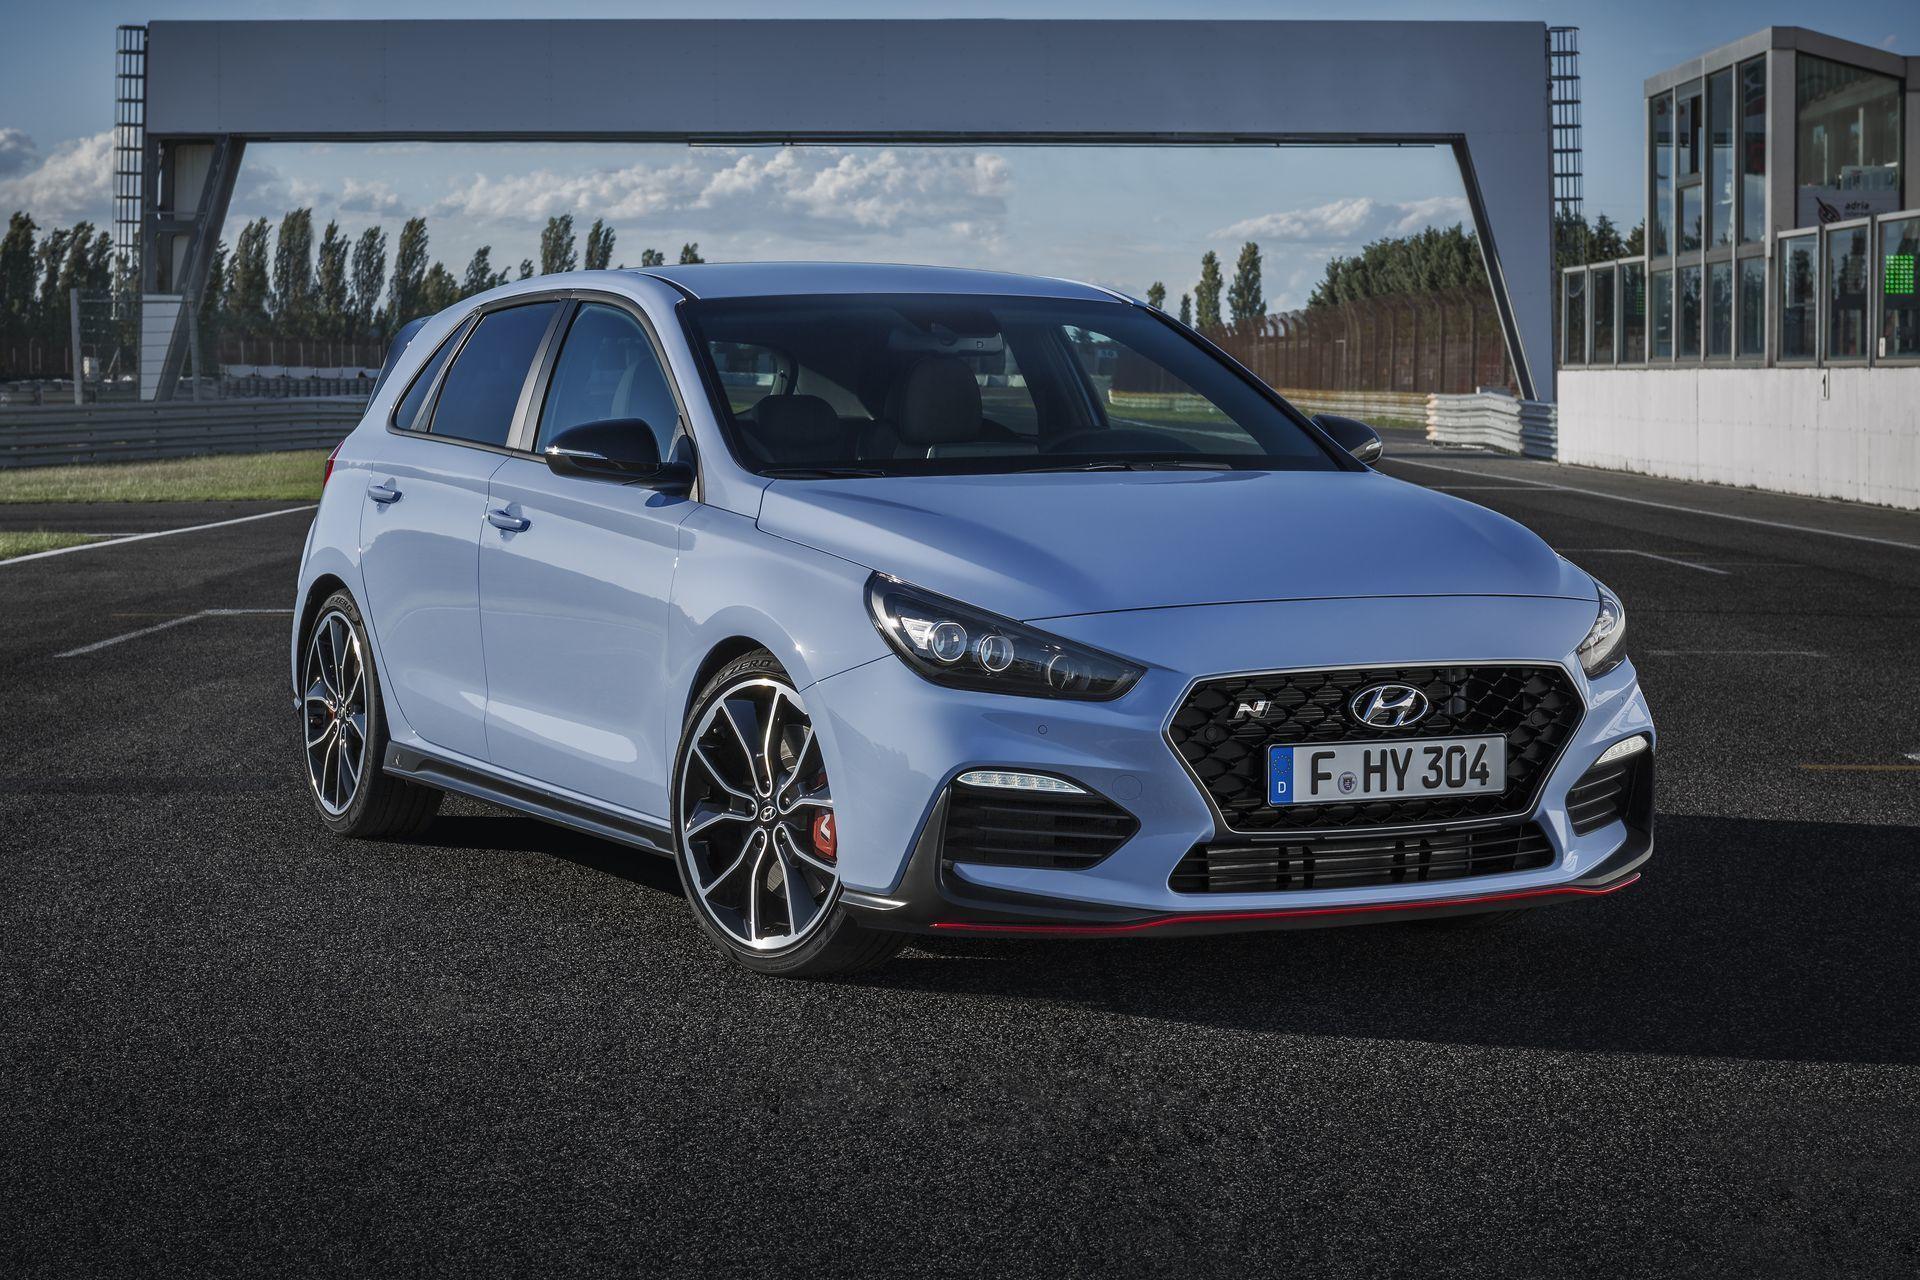 En Alemania ya se han vendido los 100 primeros Hyundai i30 N, la alternativa coreana al SEAT León Cupra